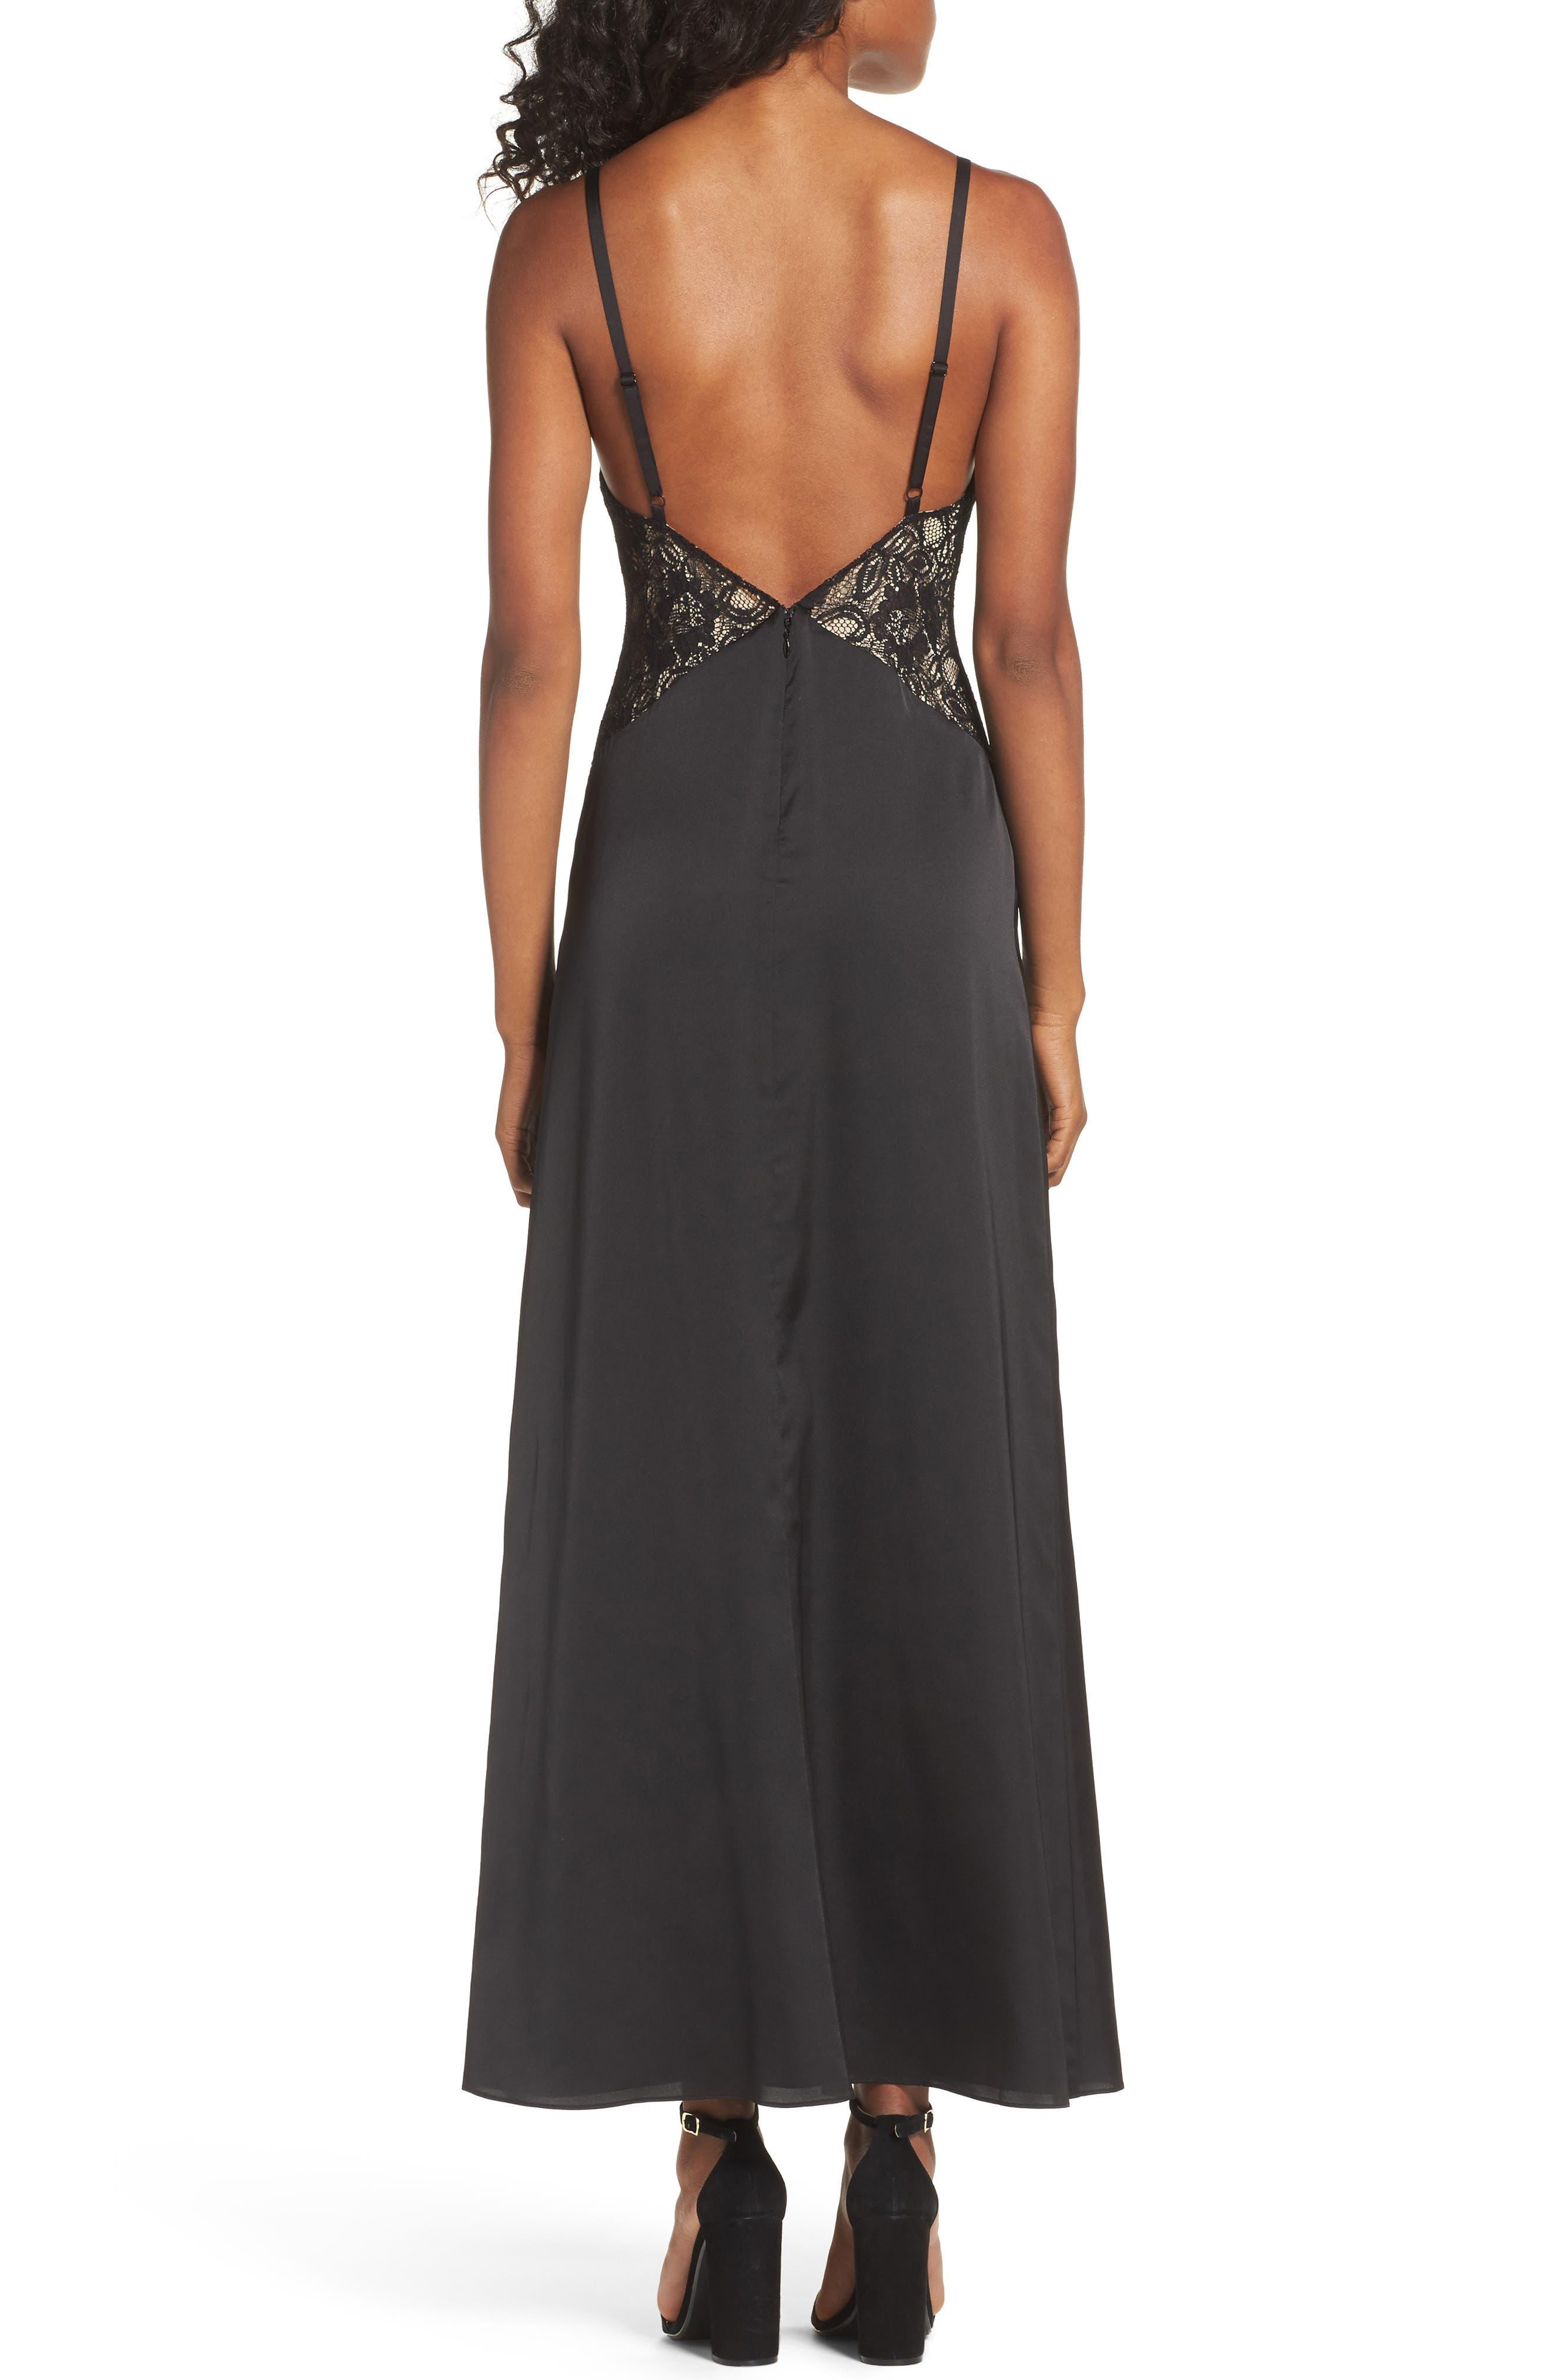 Femme Fatale Slip Dress,                             Alternate thumbnail 3, color,                             Black